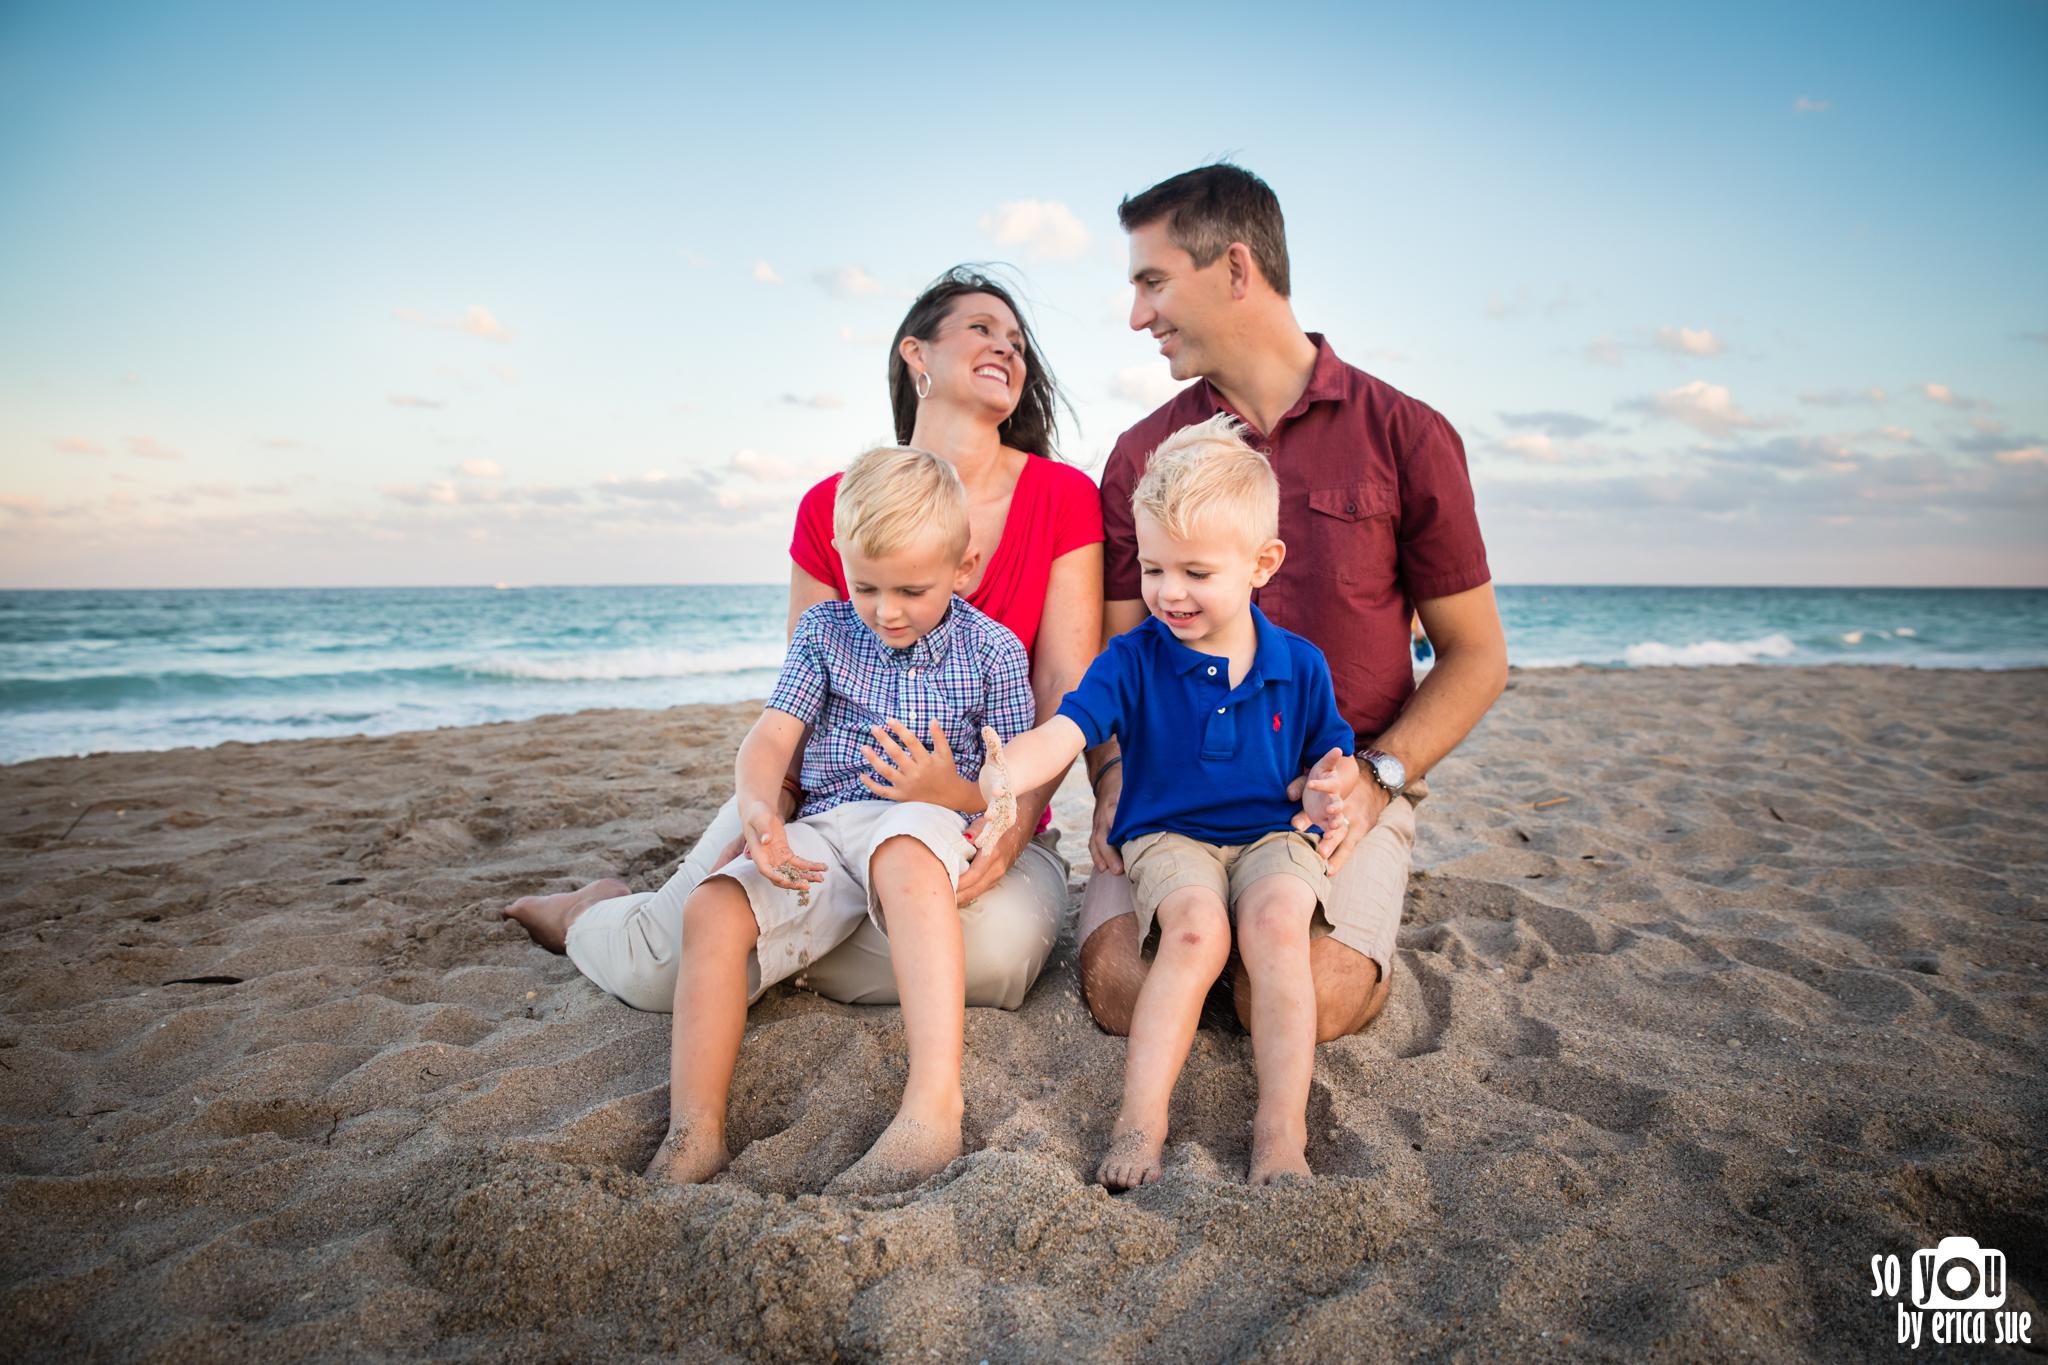 hollywood-beach-lifestyle-family-photography-0114.jpg